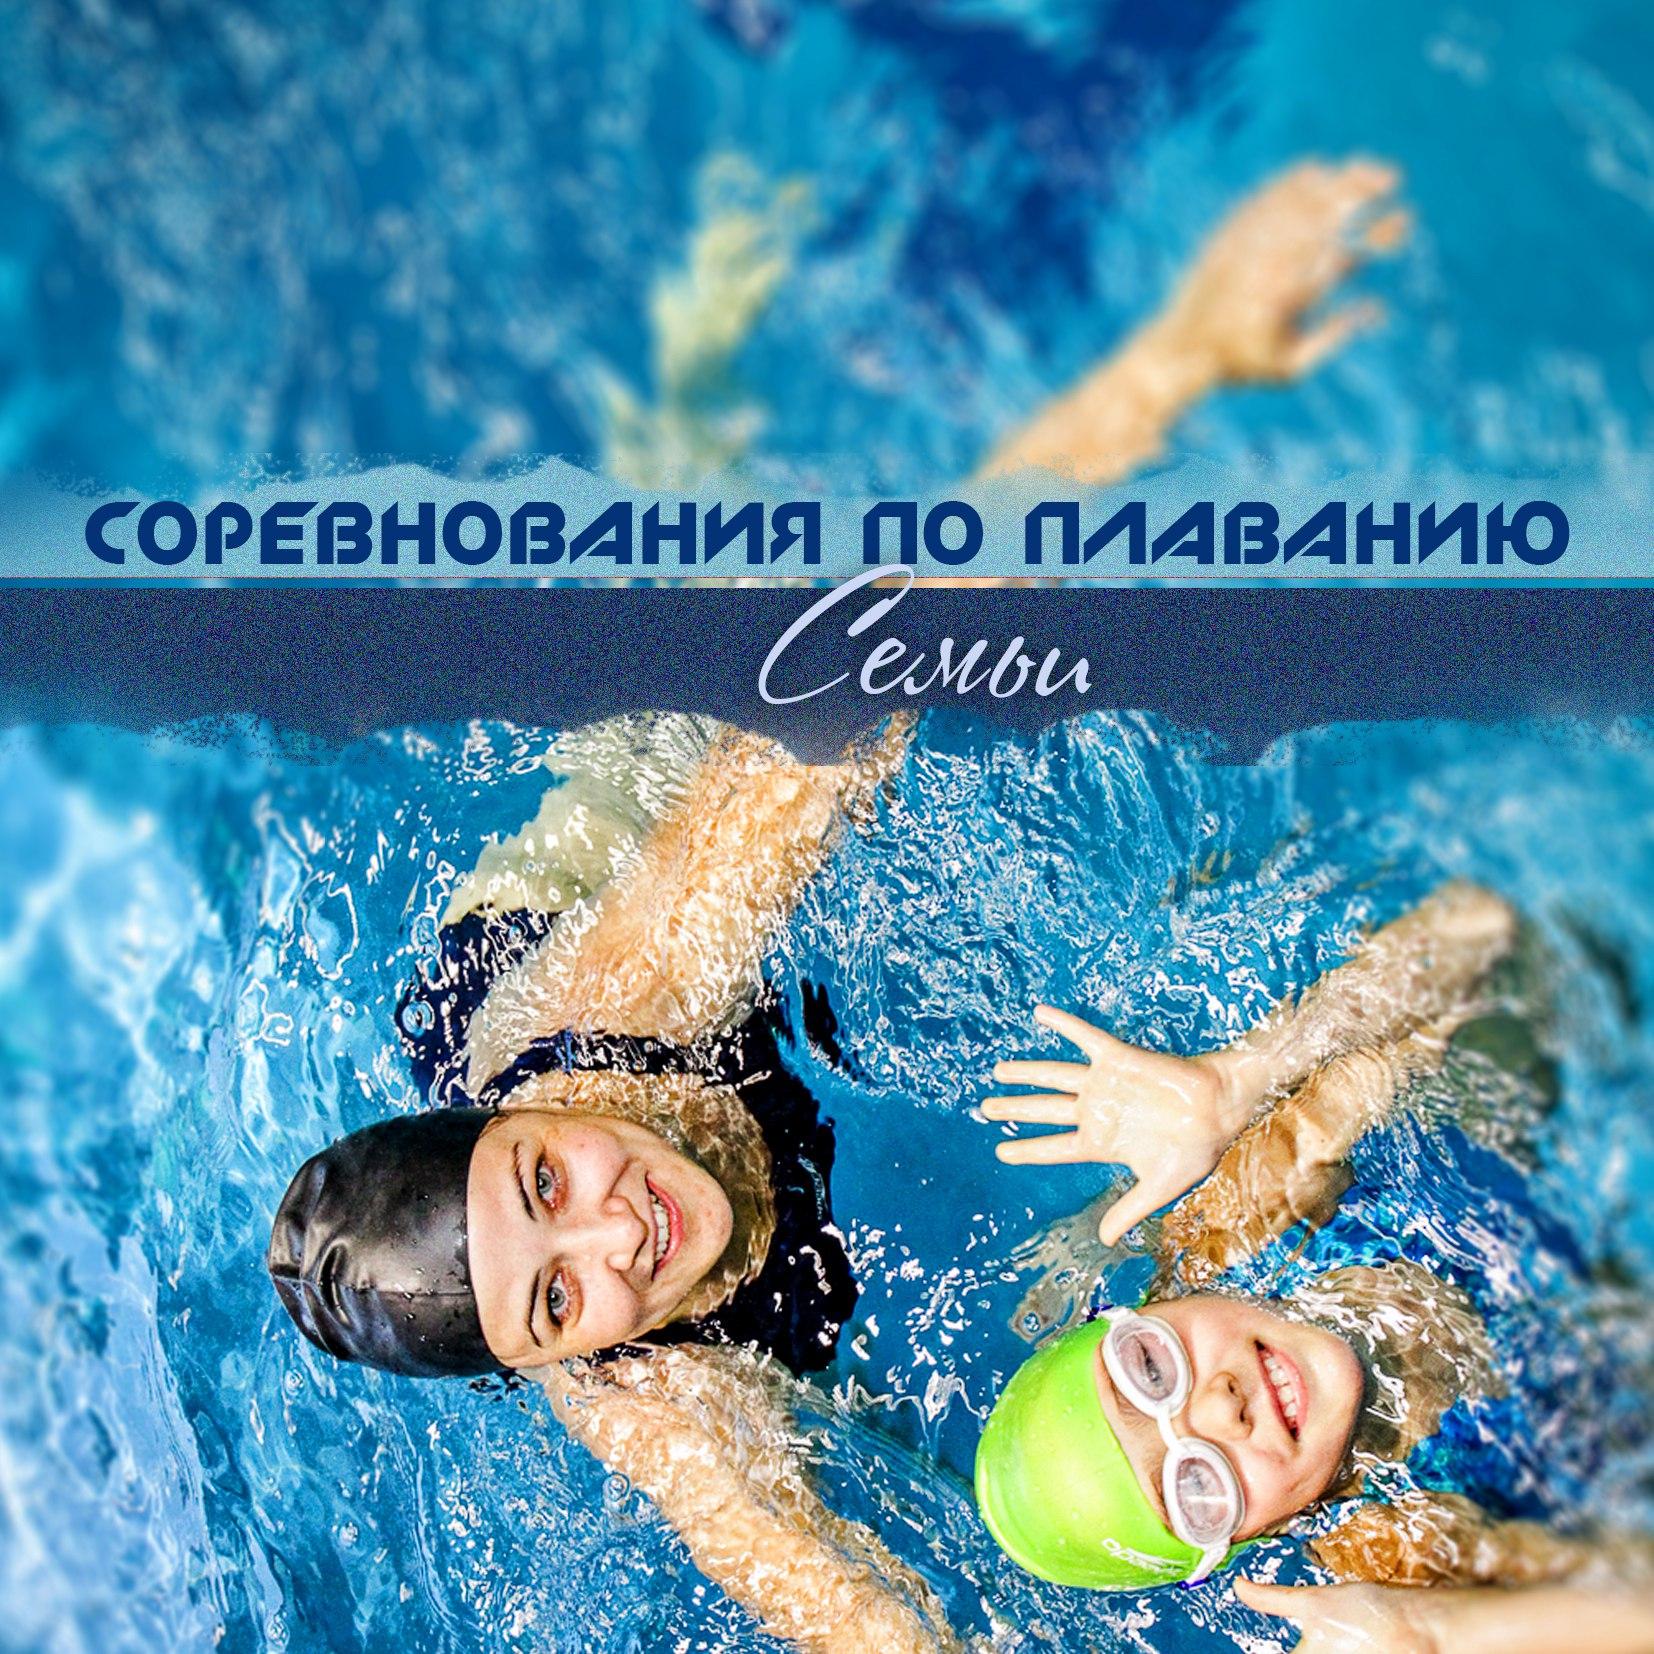 Соревнования по плаванию среди семейных команд